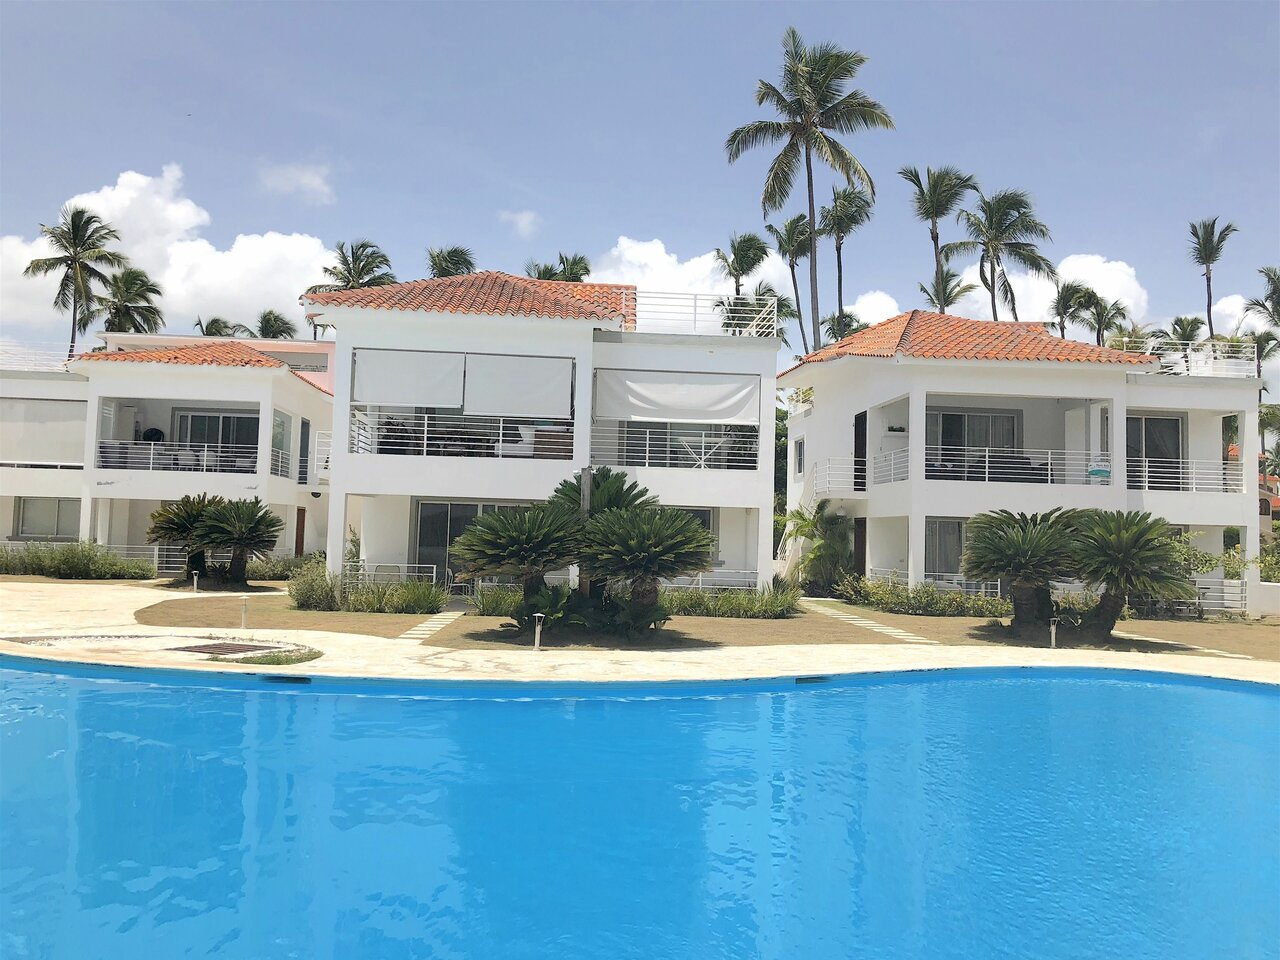 Las Terrazas Vip Pool Beach Club And Spa